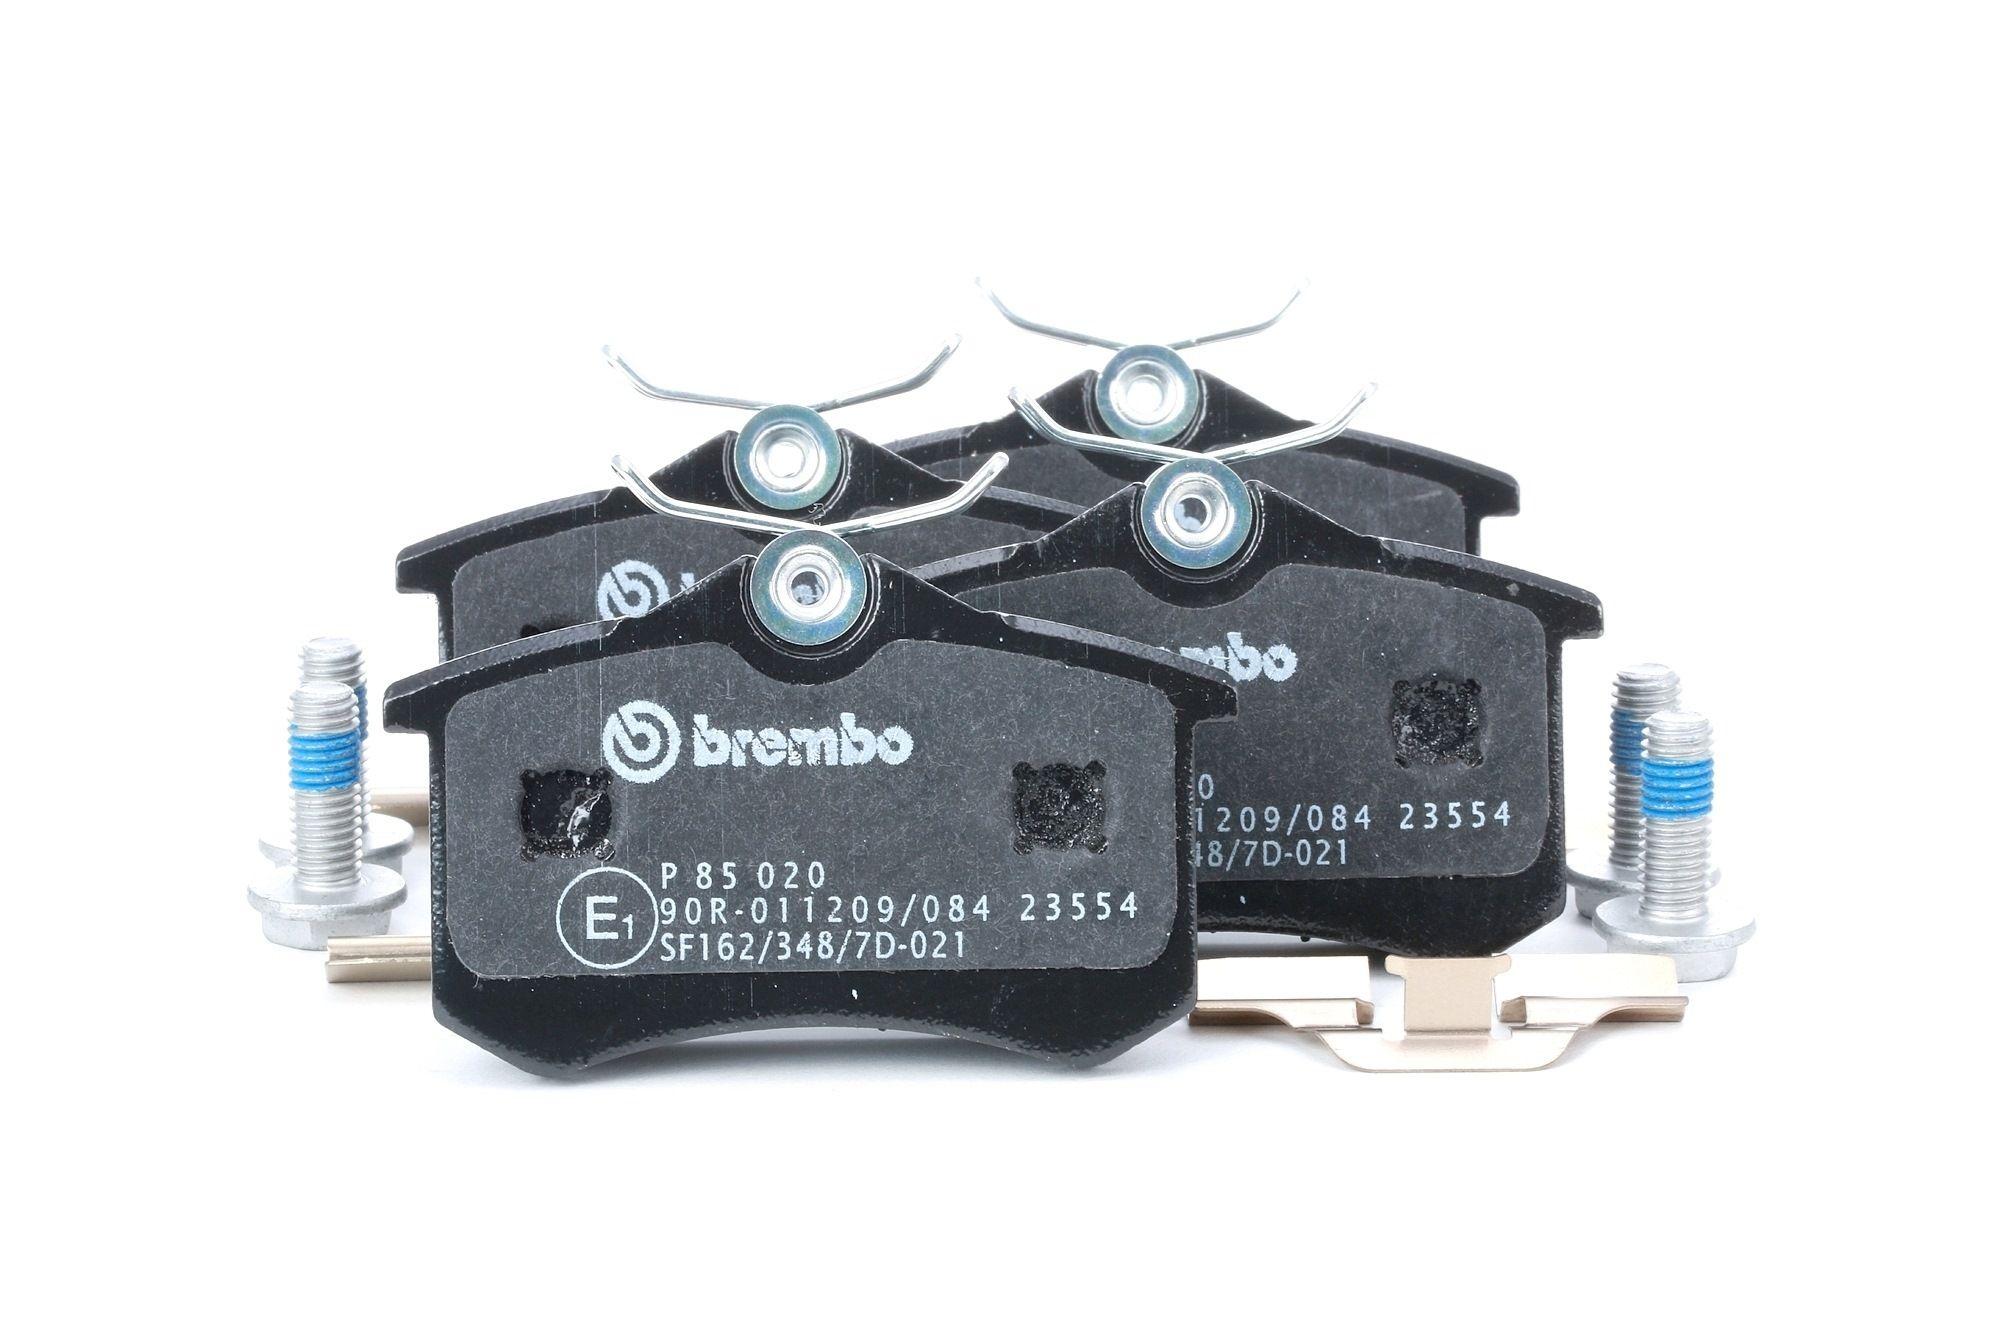 D8947773 BREMBO exkl. Verschleißwarnkontakt, mit Bremssattelschrauben, mit Zubehör Höhe: 53mm, Breite: 87mm, Dicke/Stärke: 17,2mm Bremsbelagsatz, Scheibenbremse P 85 020 günstig kaufen